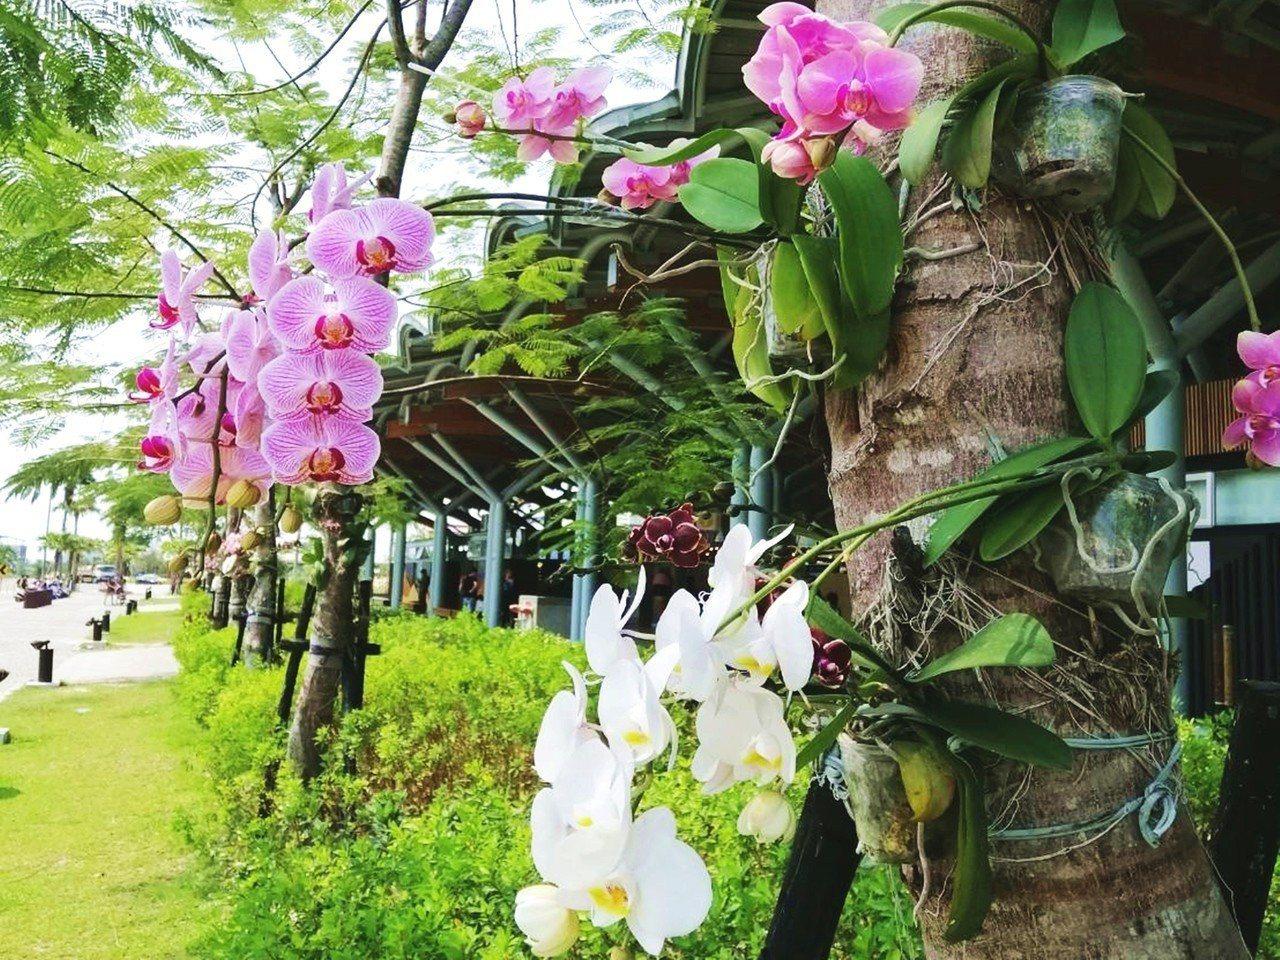 台東火車站最近增加新亮點,車站周邊路樹、辦公室前庭院樹幹上多了色彩繽紛的蝴蝶蘭,...